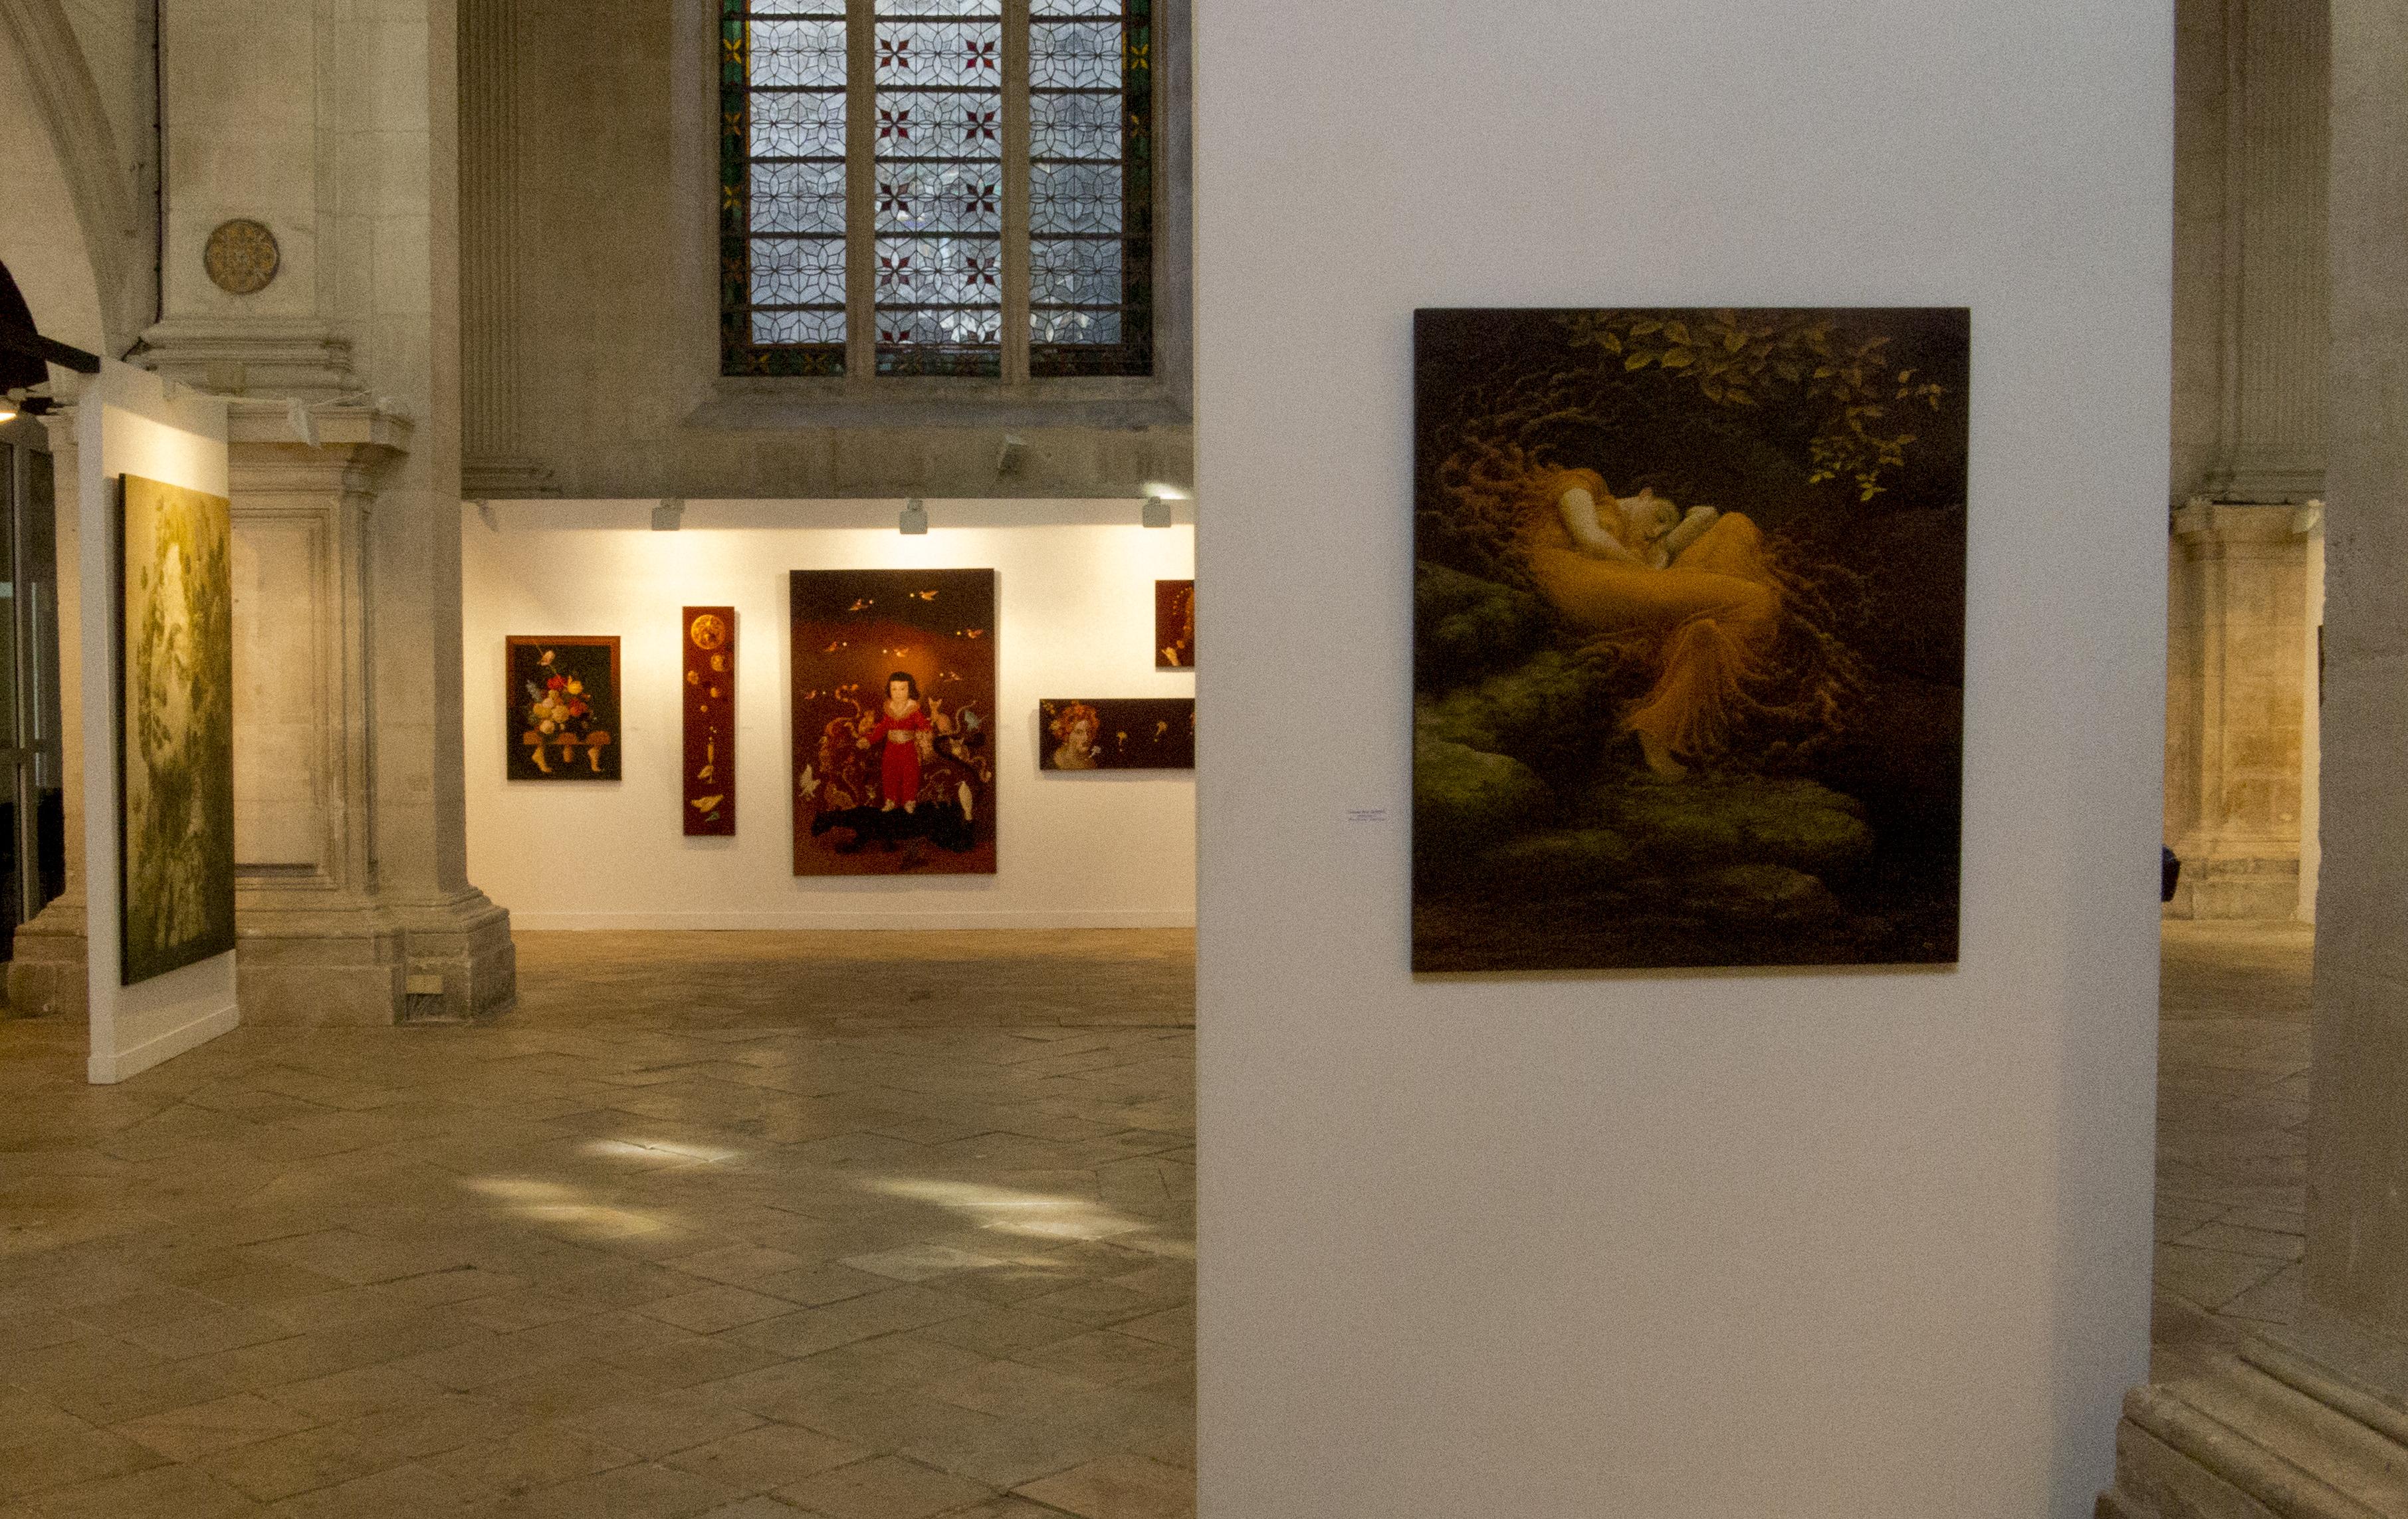 Chaumont (F) - Chapelle des Jésuites